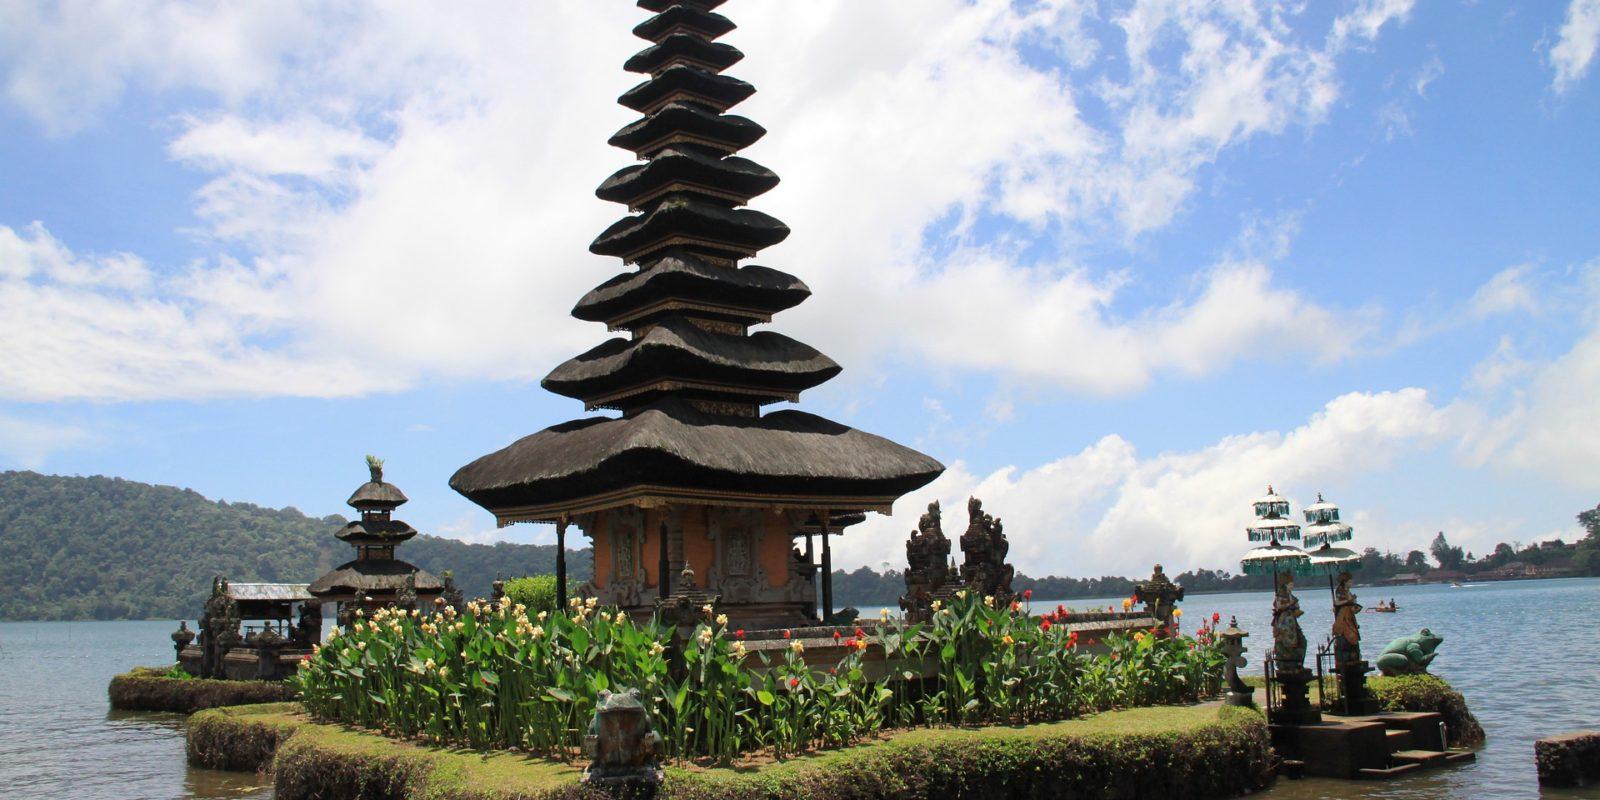 Ulun Danu Temple, Bratan Lake , Bali, Indonesia.